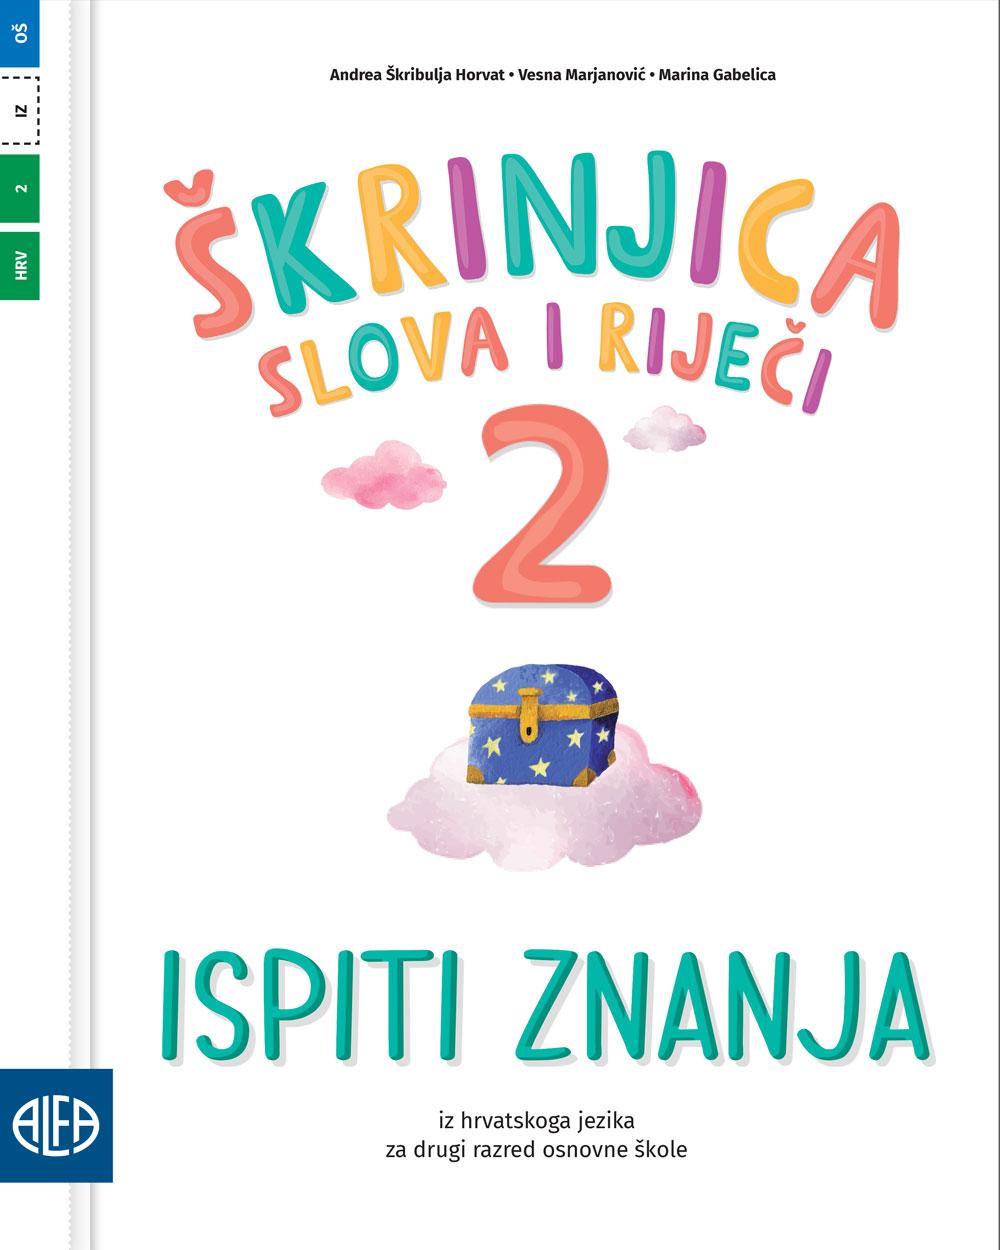 Ispiti znanja iz hrvatskoga jezika za drugi razred osnovne škole